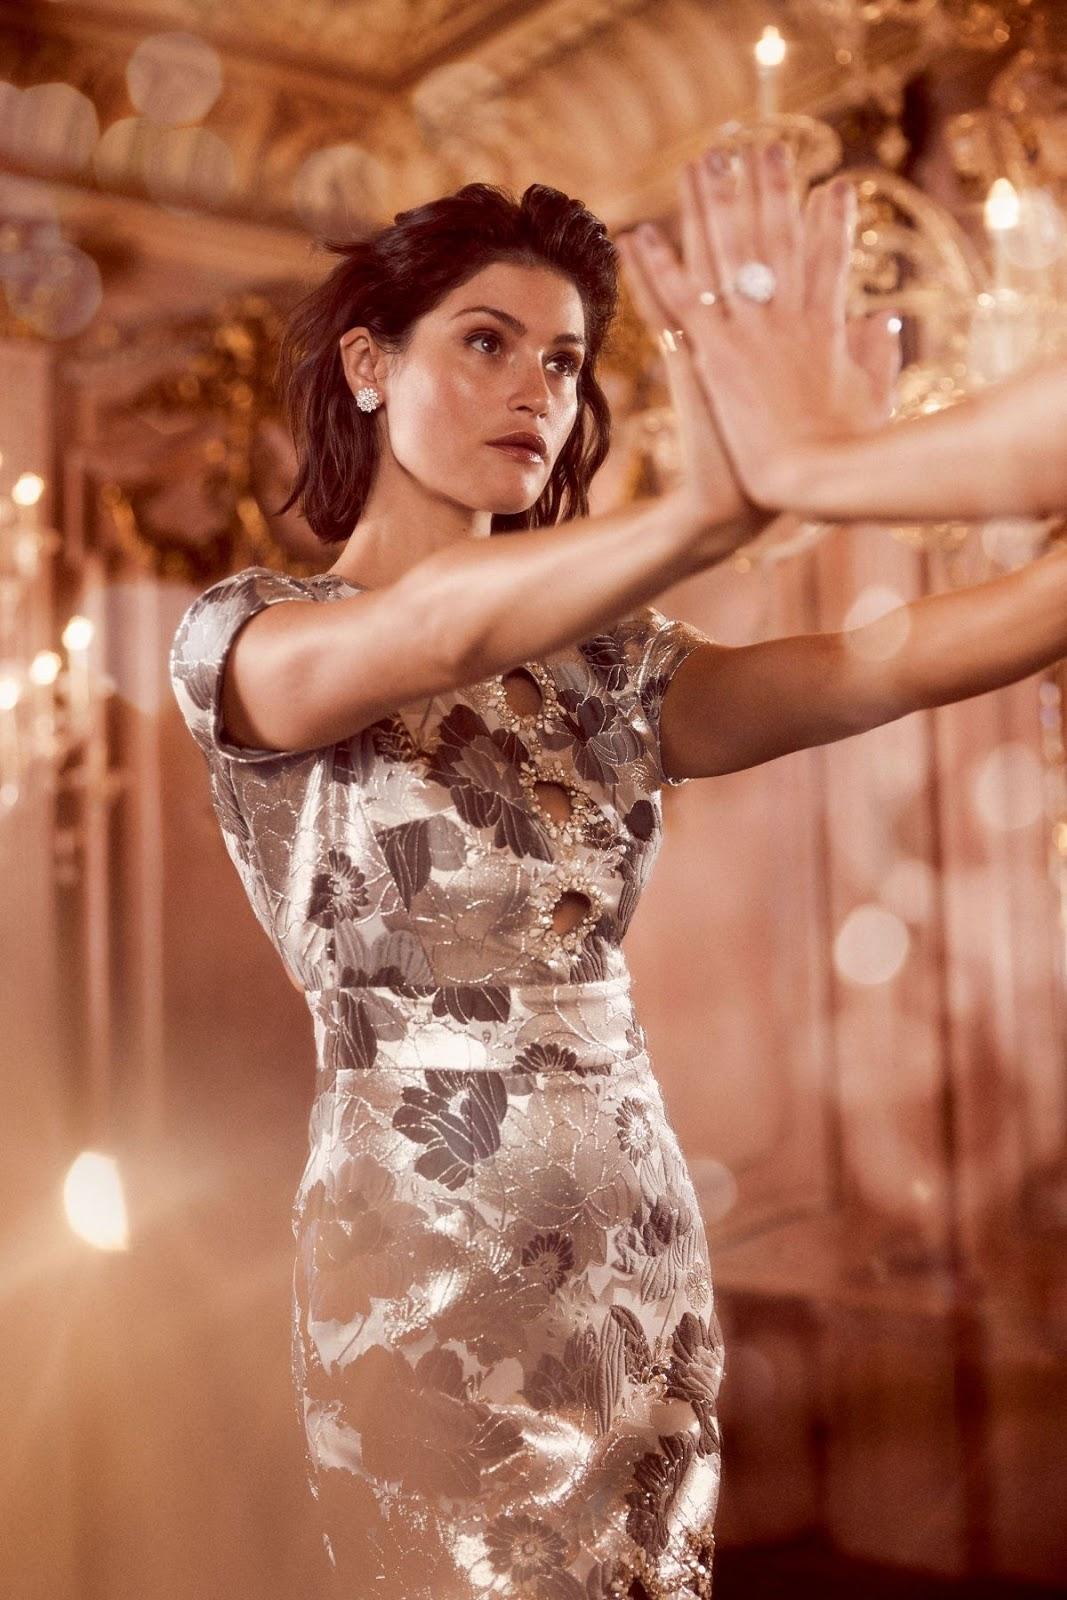 Gemma Arterton For Harpers Bazaar UK October 2018